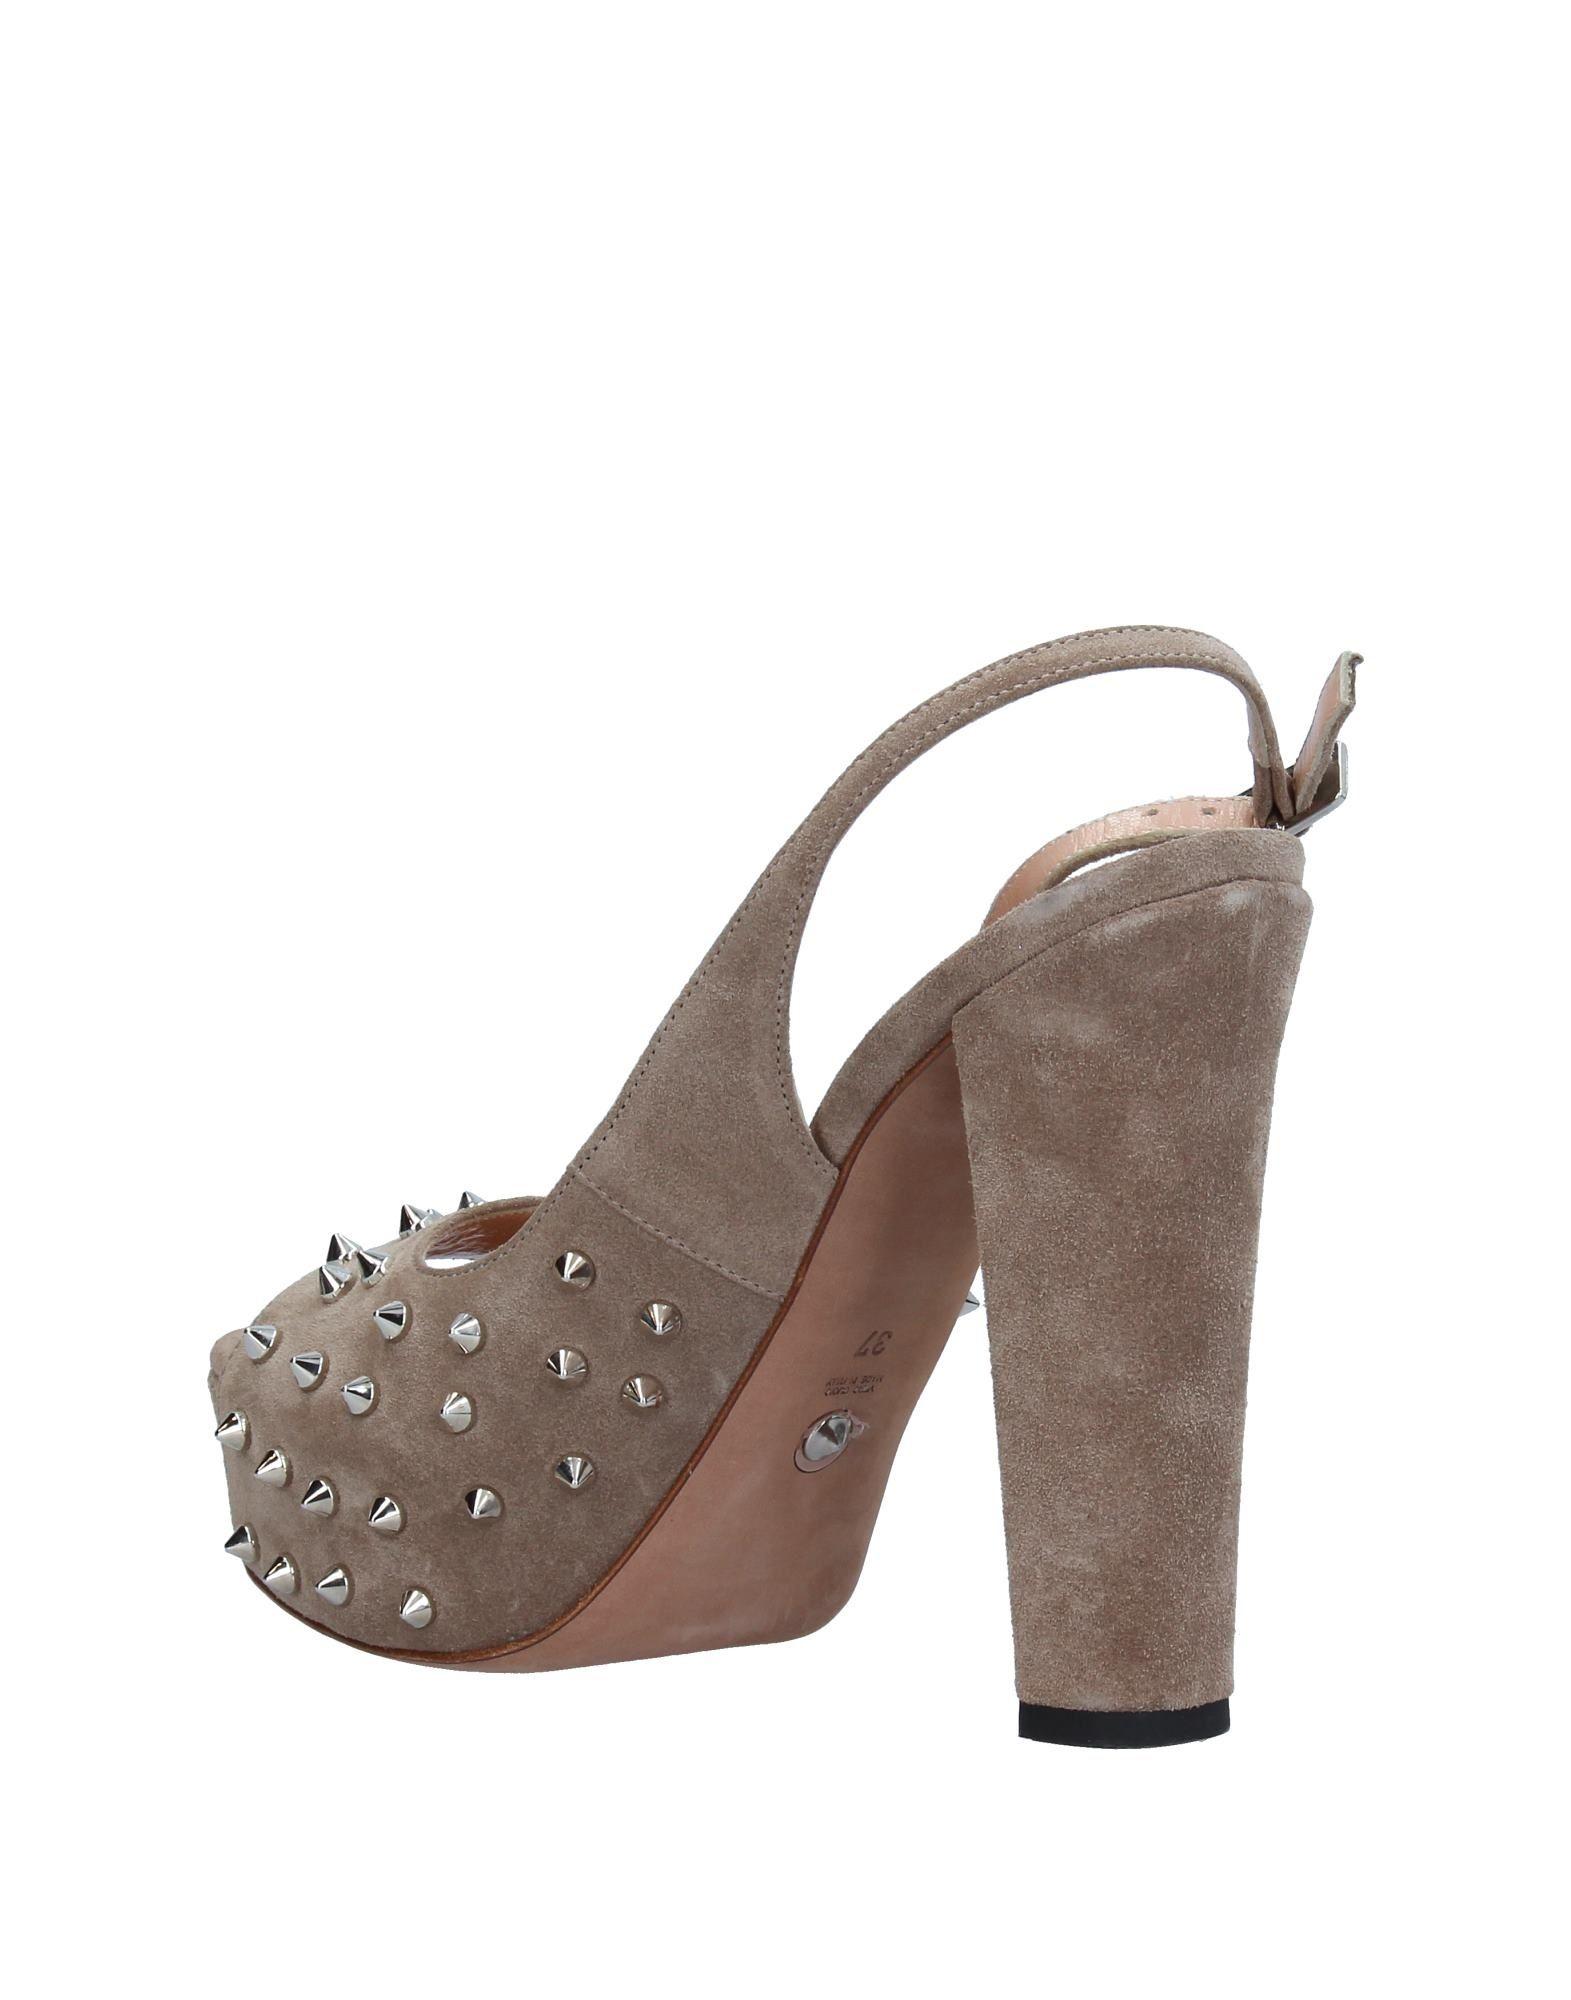 Sandales Chon Femme - Sandales Chon sur